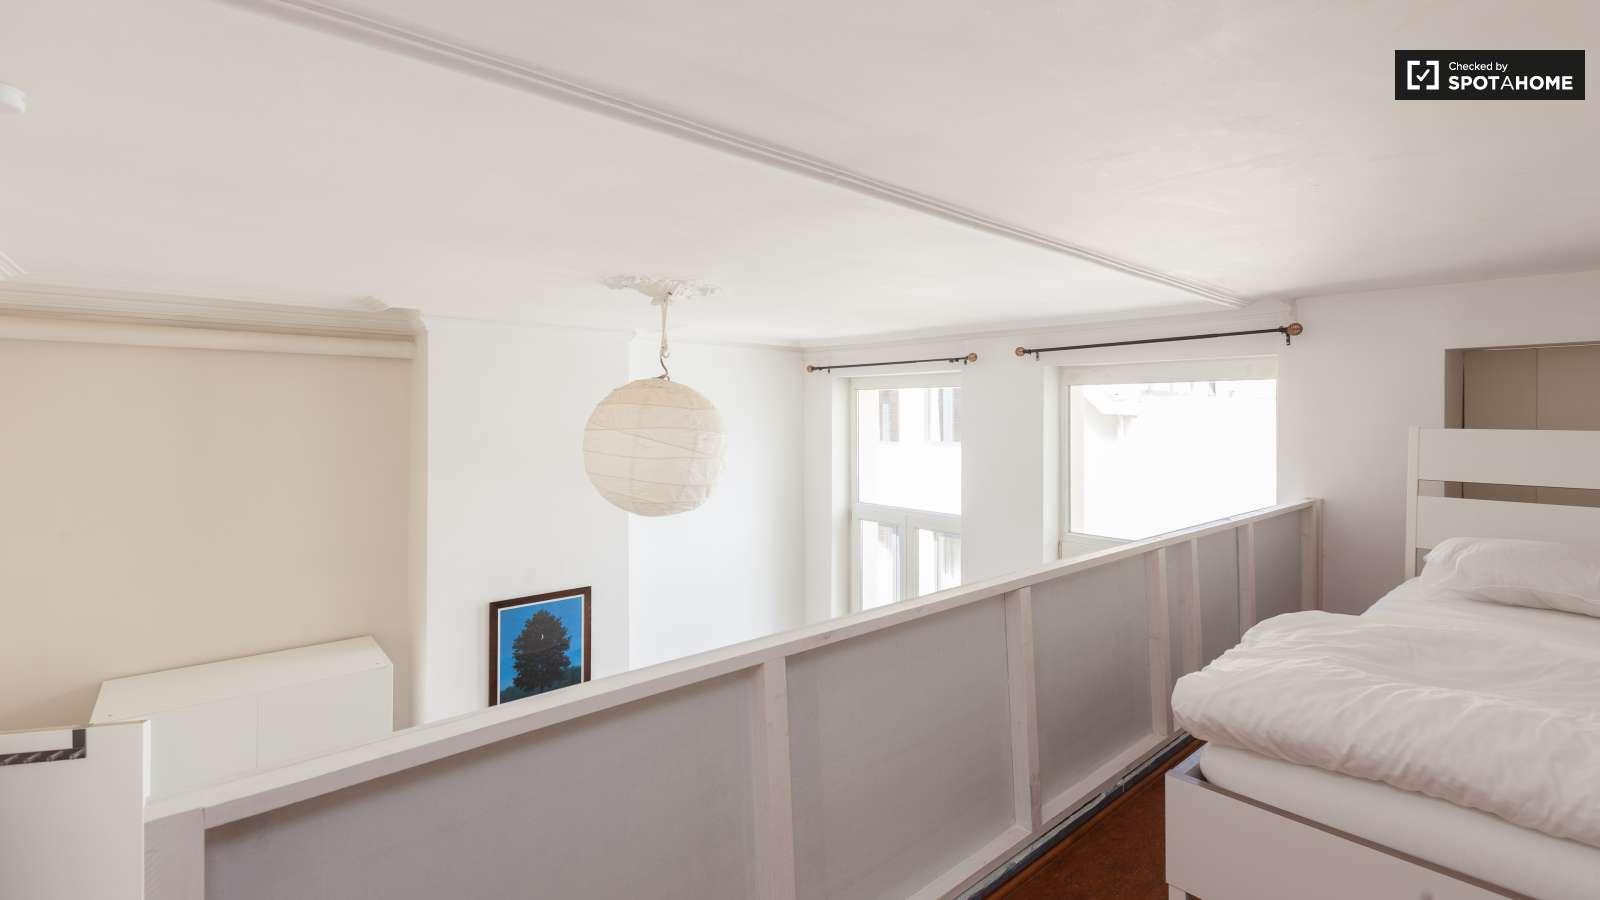 Studio Apartment Australia 45m2 studio apartment for rent in lively ixelles in brussels